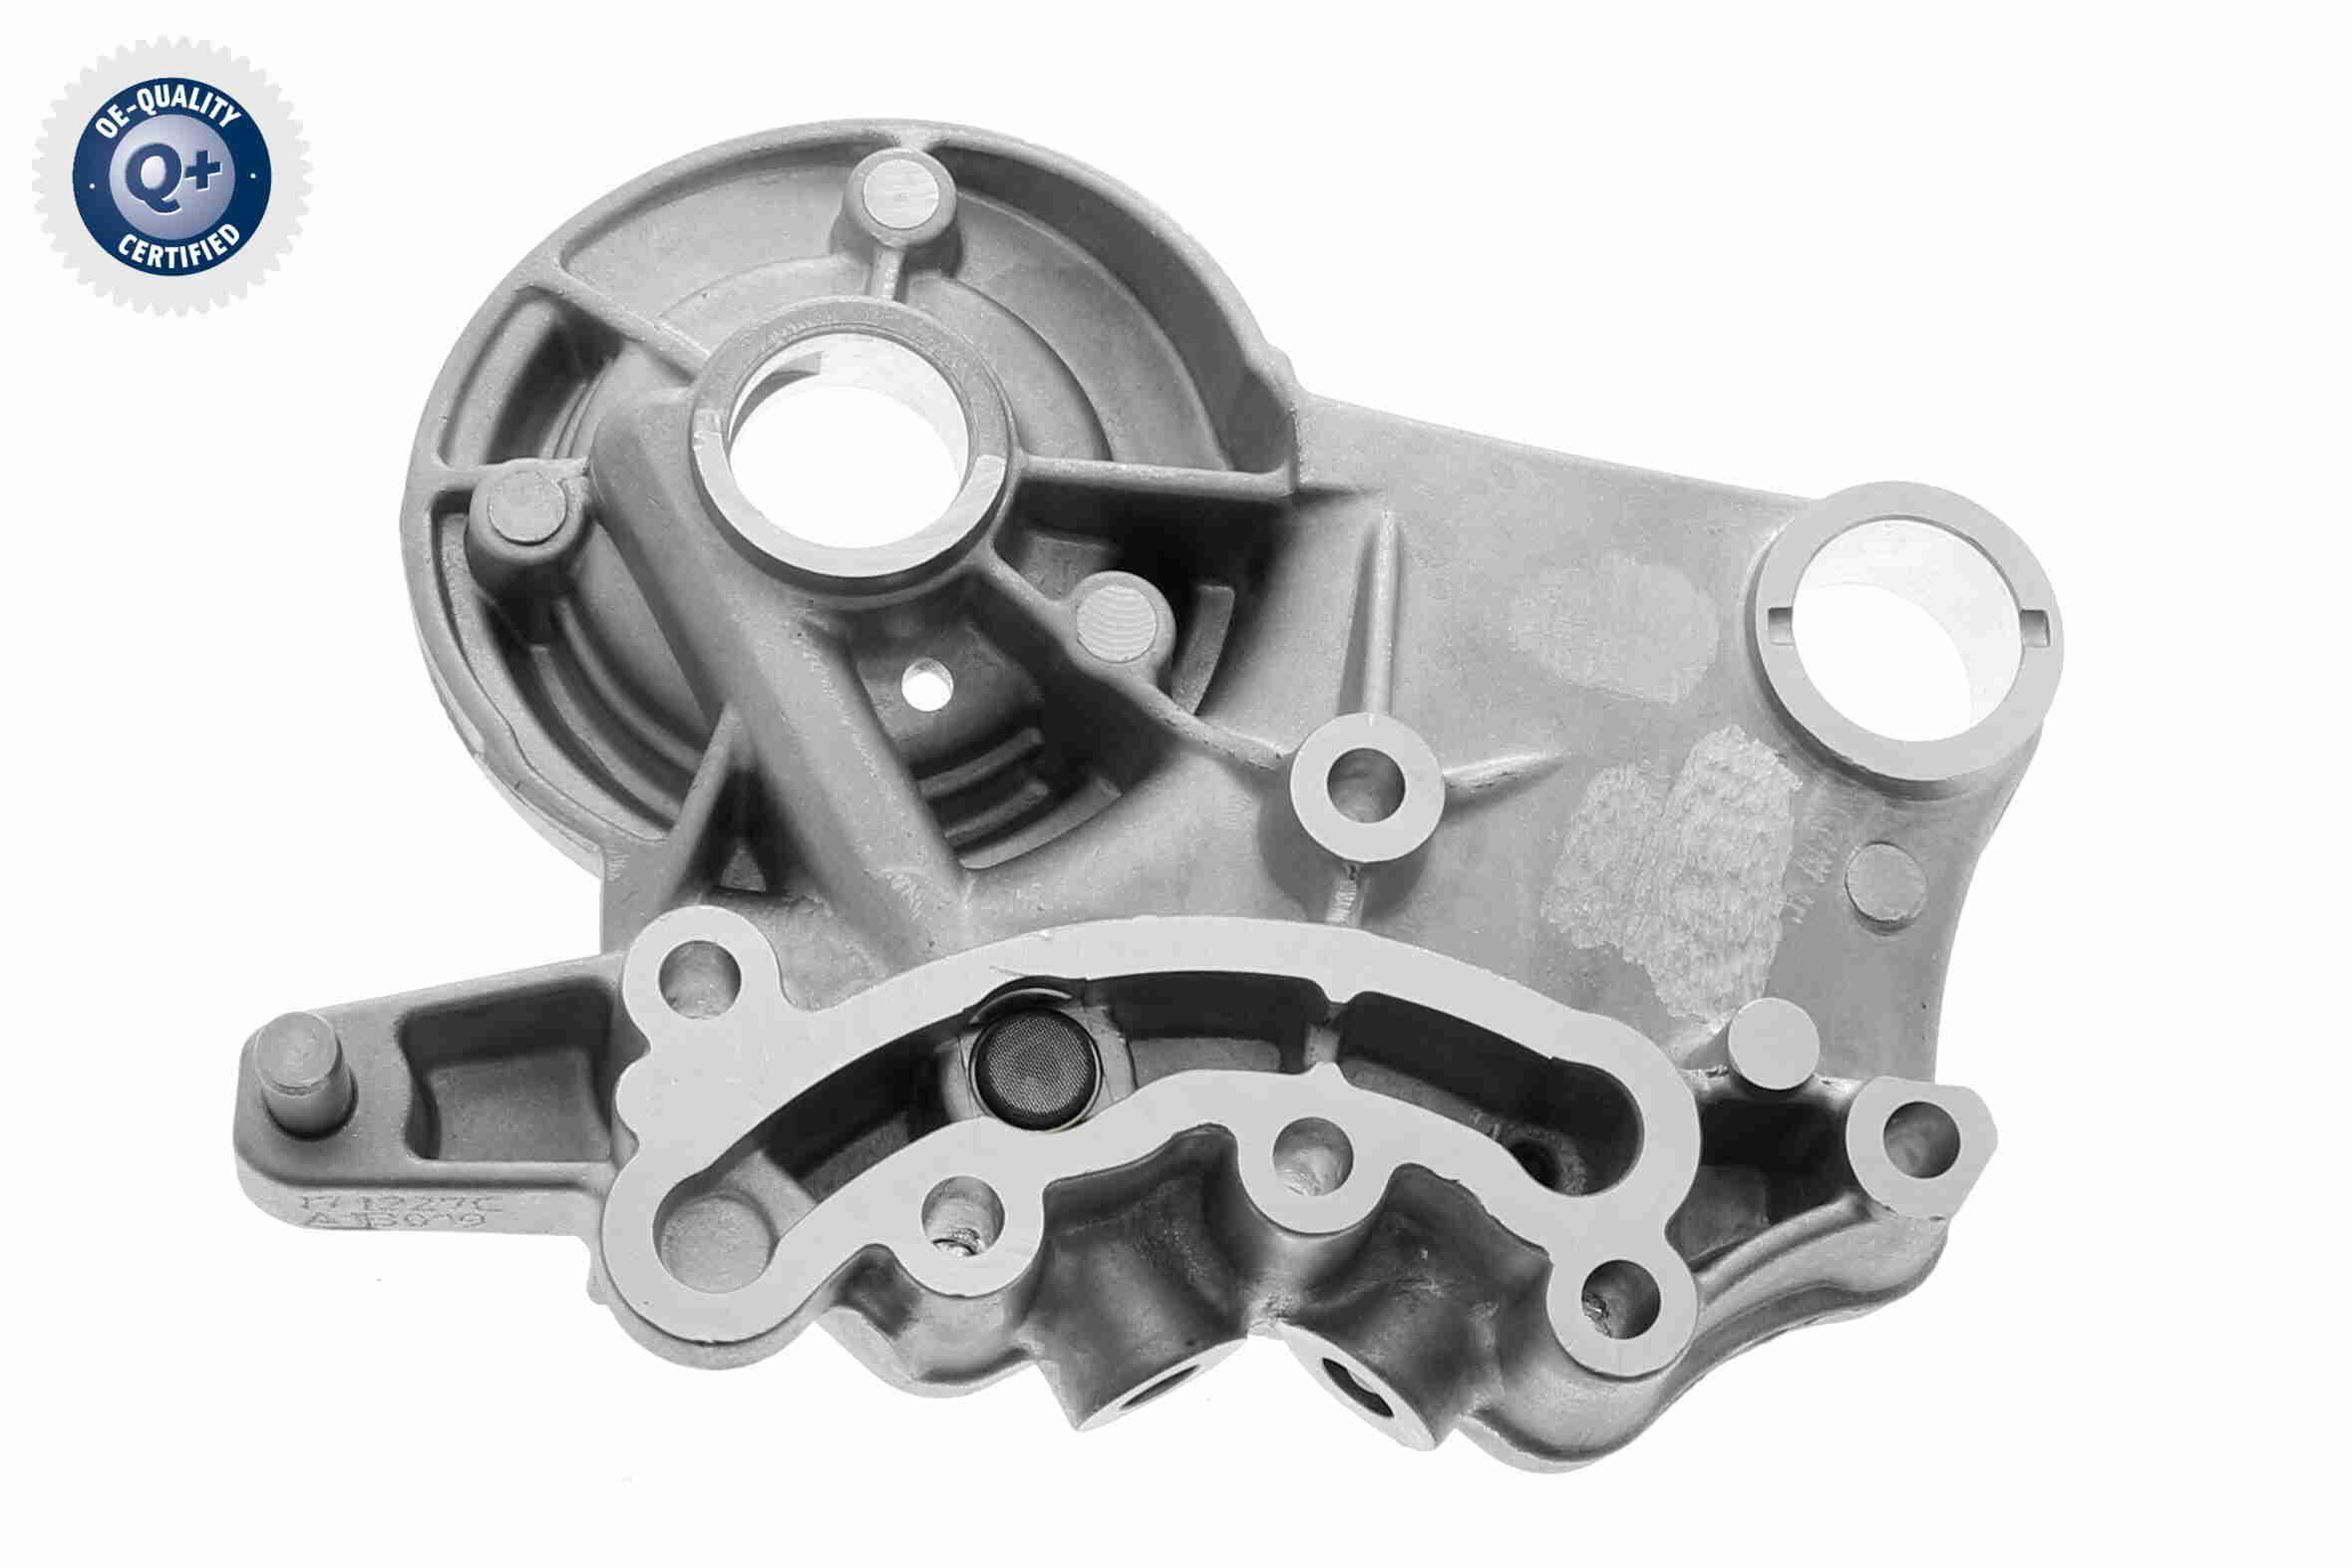 Köp VAICO V10-4755 - Kamaxellager till Nissan: utan tillbehör, CST97